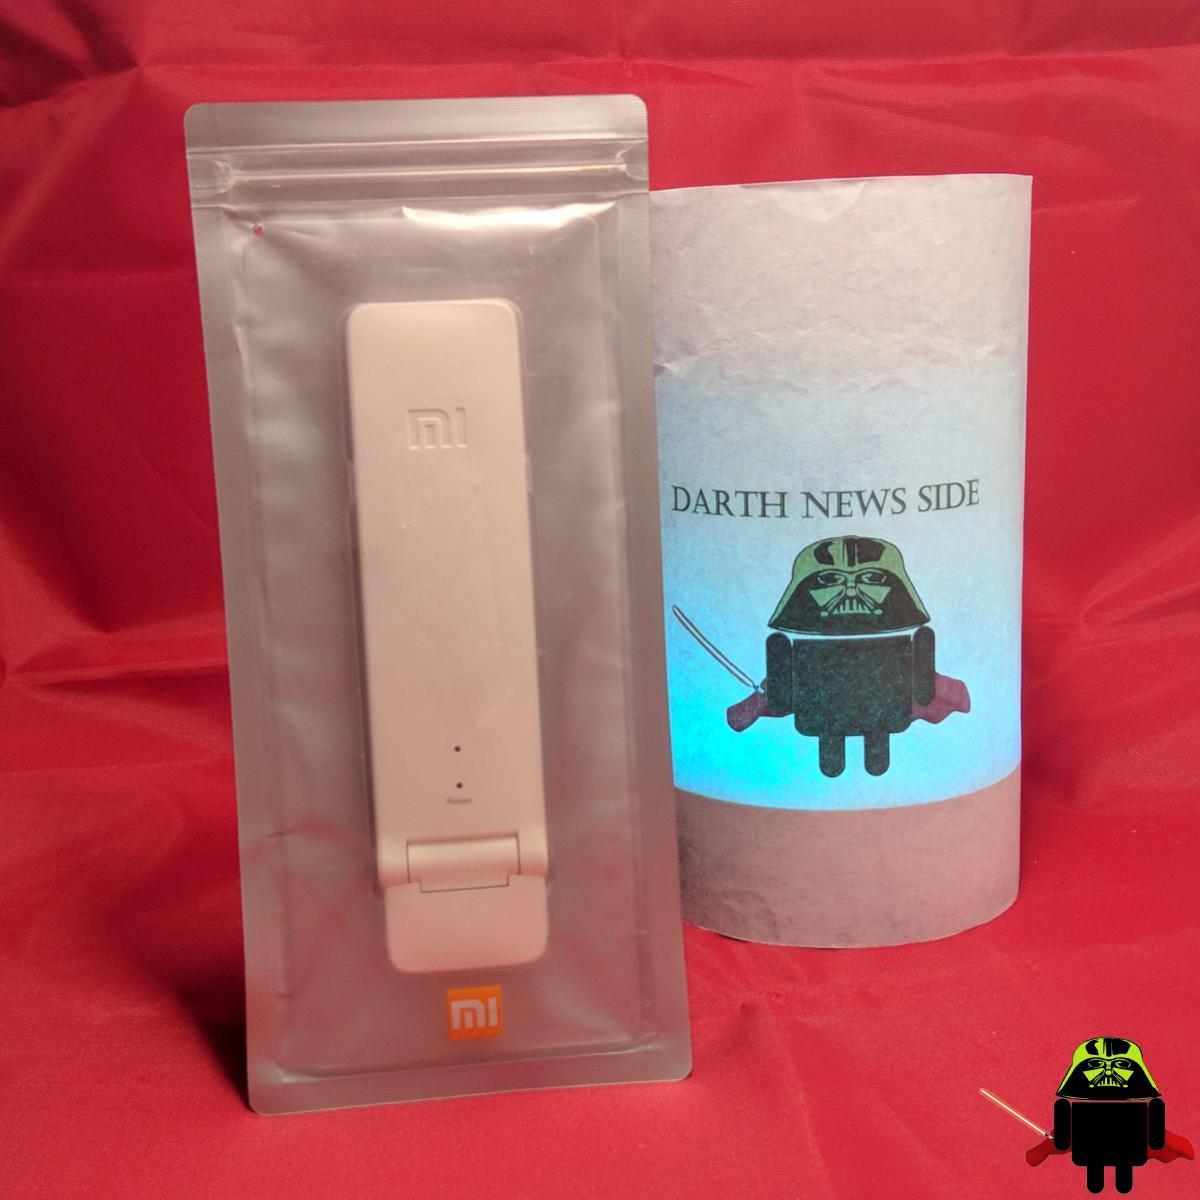 1 - Xiaomi Mi WiFi 300M Amplifier 2